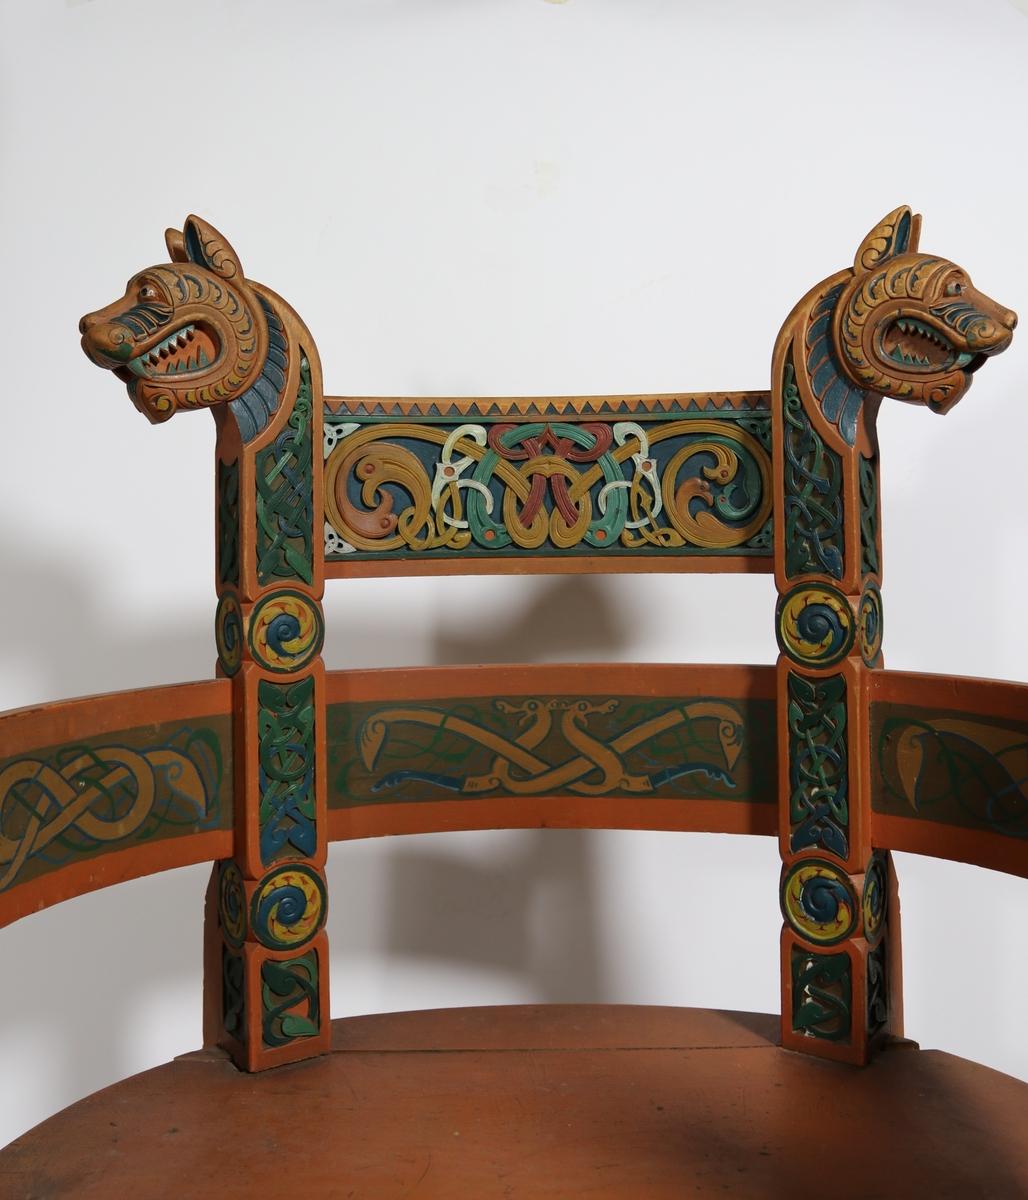 Stol. Sete i form av en halvsirkel, med to stolben i front og to ved bakre del. De to bakre stolben fortsetter opp fra setet og utgjør stolryggen, der de ender med to utskårede dyrehoder i topp. Tre buede trestykker er plassert mellom de vertikale stolpene og utgjør ryggstøet og armlener. Stolen har også en ekstra plate i ryggen, plassert litt høyere. En lignende plate binder også de to stolbena i front sammen. Disse to platene har utskjæringer inspirert av norrøne motiver med ormelignende skapniner som slynger seg rundt hverandre i mønster. Den nedre platen har også utskjæring av en mann med sverd som kjemper mot en drage. Skal antageligvis avbilde Sigurd Fåvnesbane.  Stolbena har også dekorative utskjæringer i lignende stil. De to i front er kronet med to stiliserte ansikter og en kvadratisk topp. Stolen er malt lys brun og alle utskjæringene er malt i forskjellige farger.